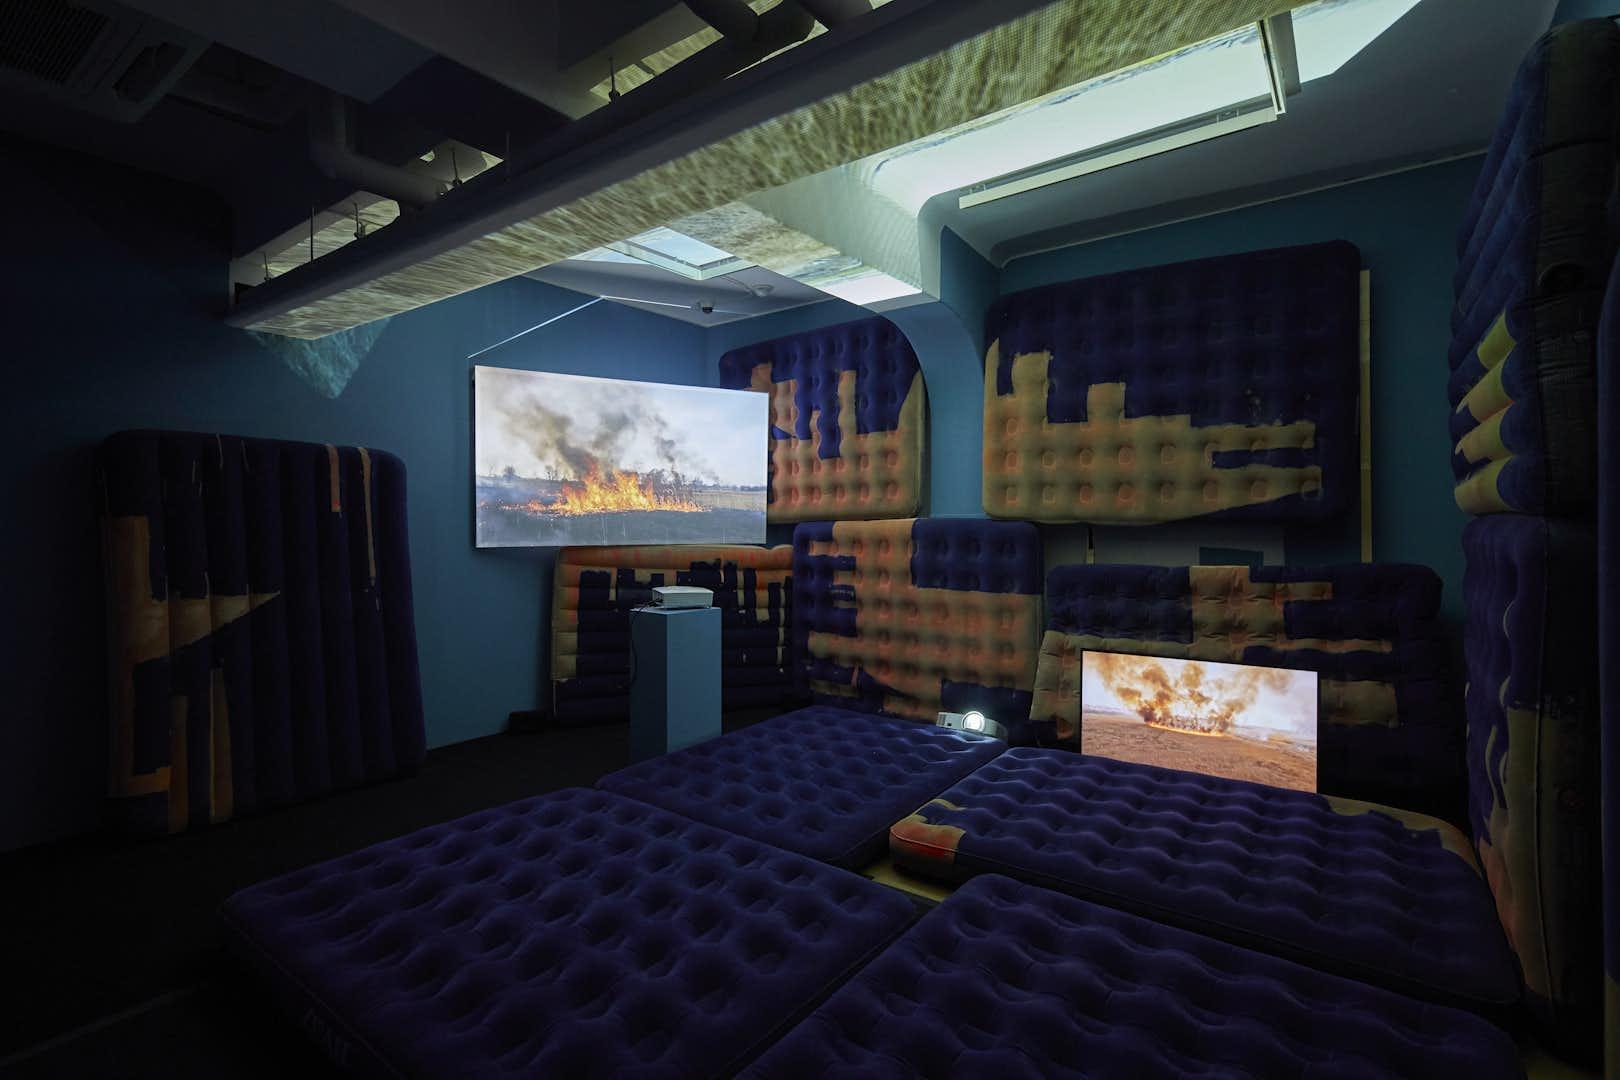 ヴィデオゲーム的な想像力は新たな風景を生み出すか?  大岩雄典評 海野林太郎「風景の反撃 / 執着的探訪」展